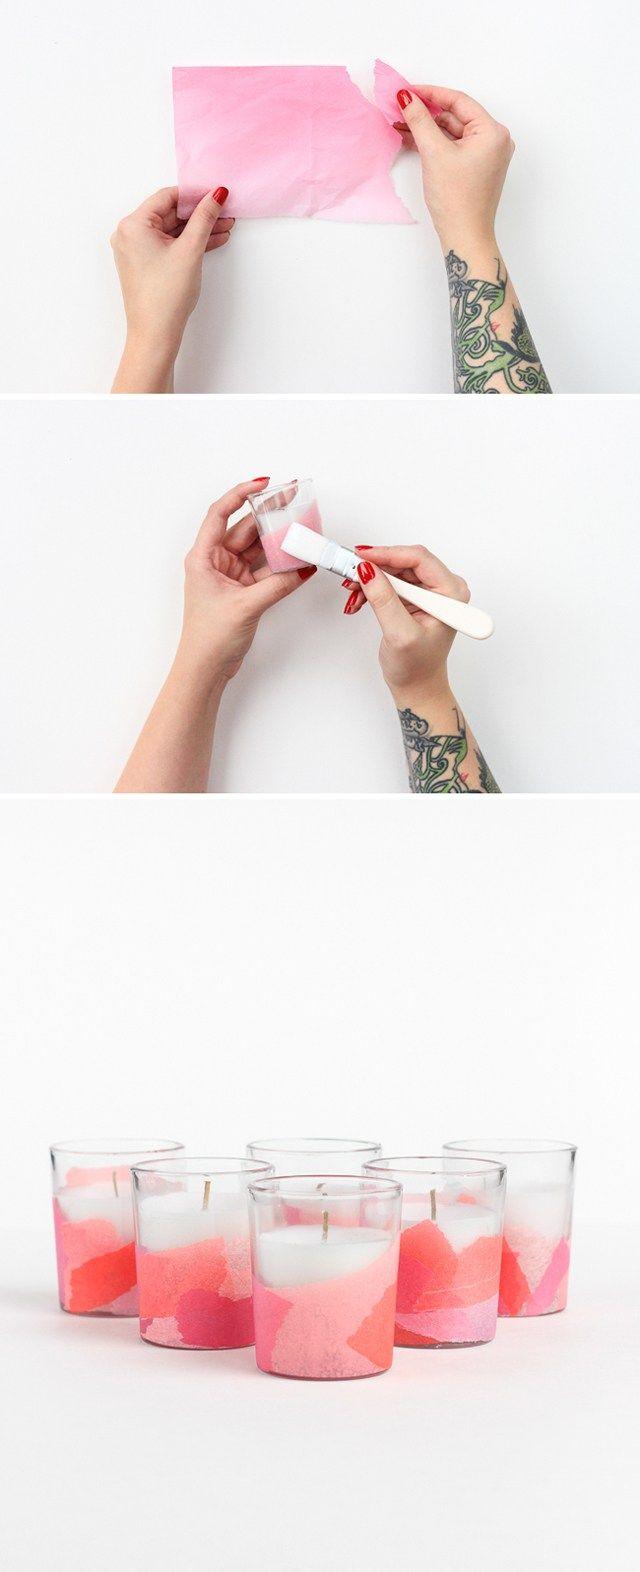 Δες πως μπορείς να διακοσμήσεις τα δικά σου κηροπήγια με χαρτί αφής! Στο ftiaxto.gr